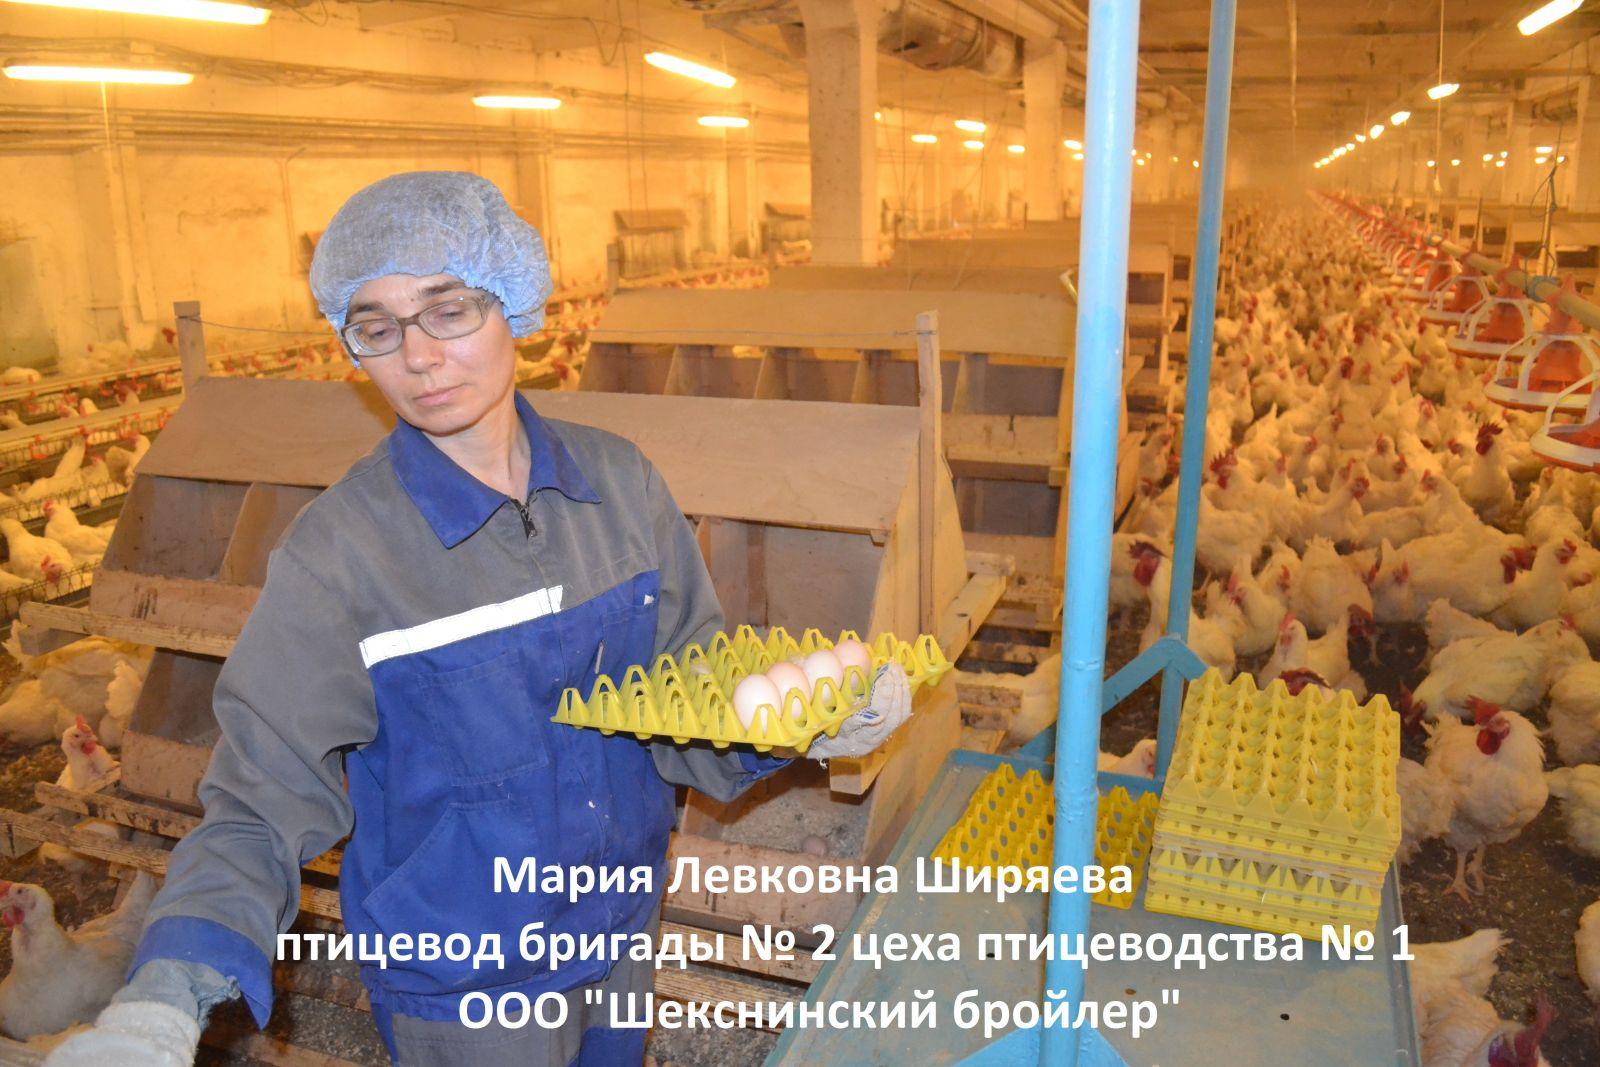 Поздравления с днем рождения директора птицефабрики